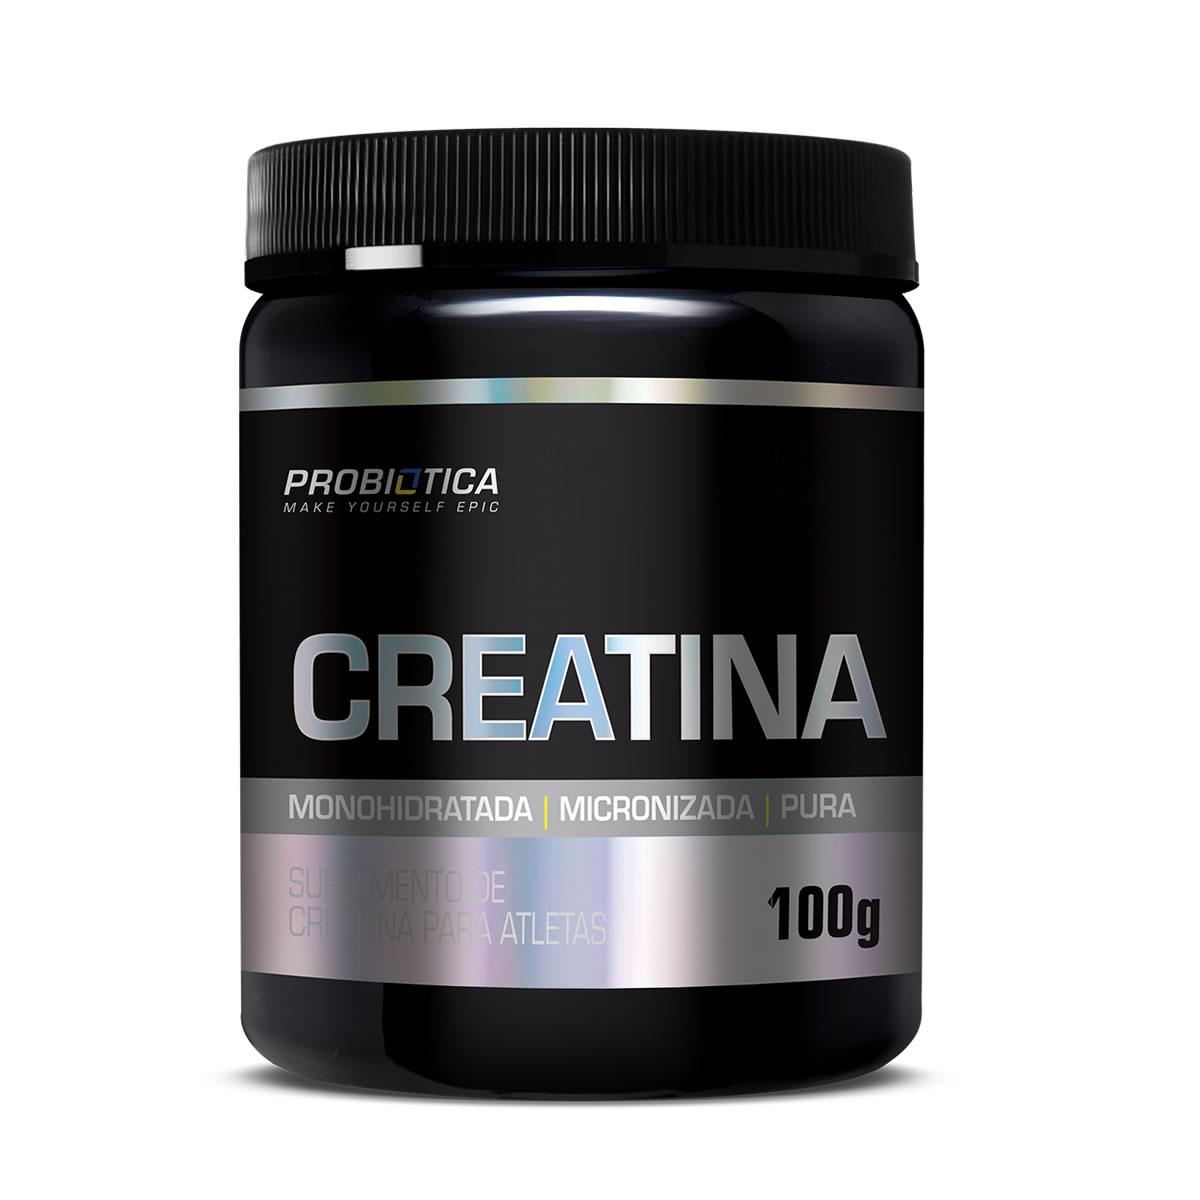 Creatina Pura em Pó 100g - Probiotica